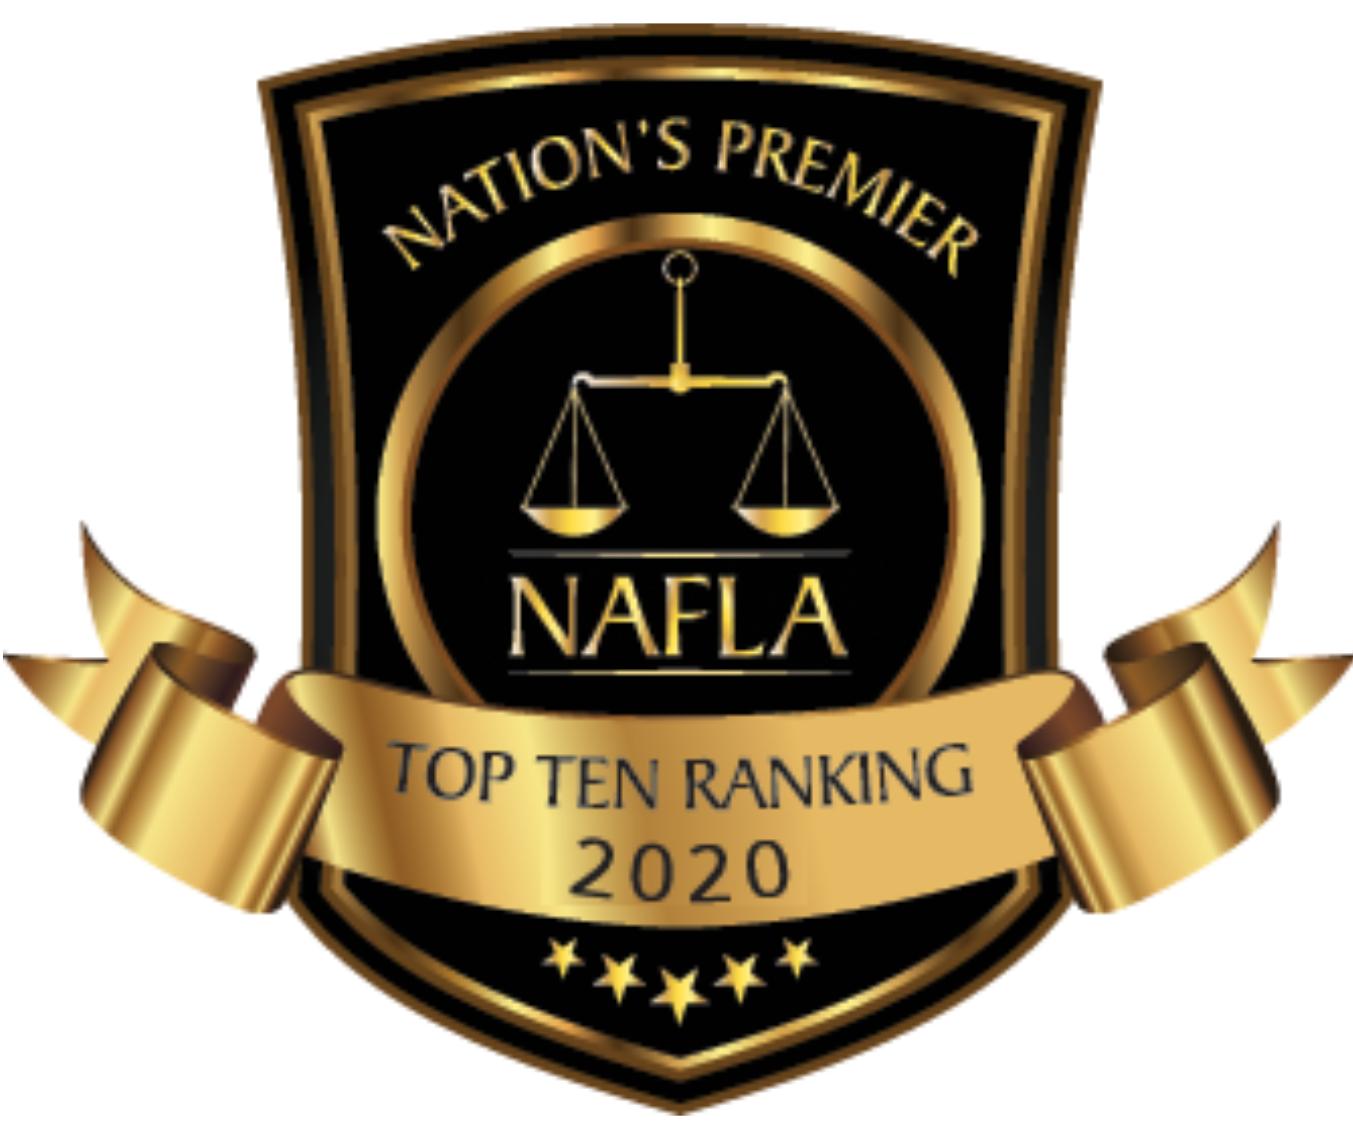 NAFLA Member